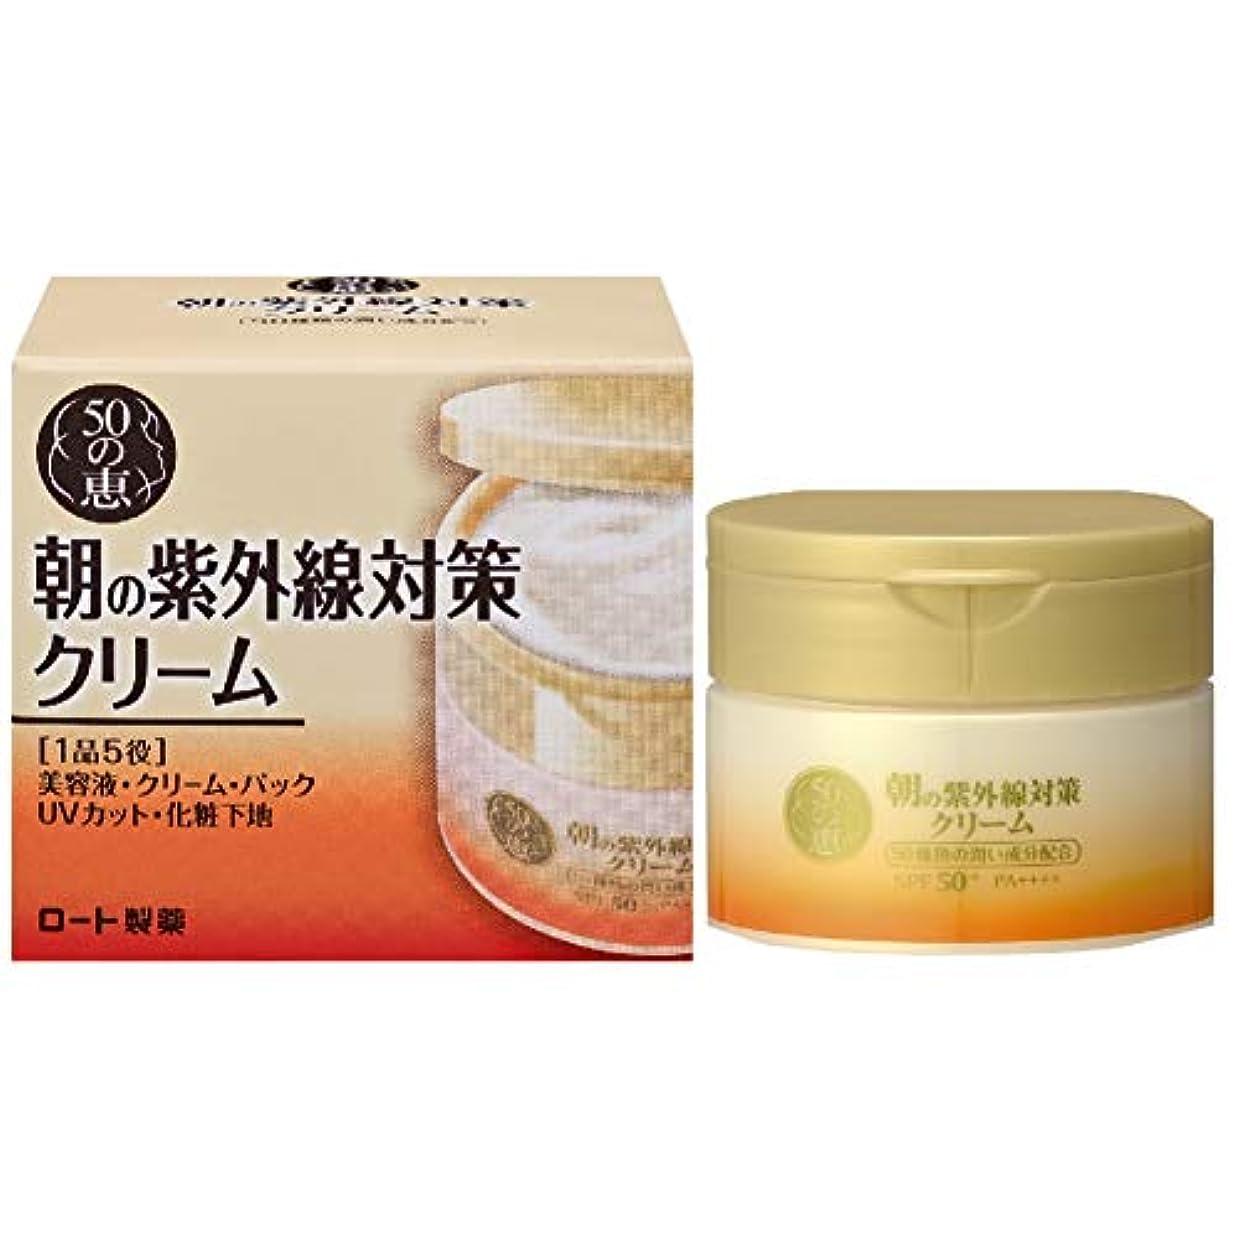 優先権たくさんの間でロート製薬 50の恵エイジングケア 朝の紫外線対策クリーム 養潤成分50種類配合オールインワン SPF50+ PA++++ 90g